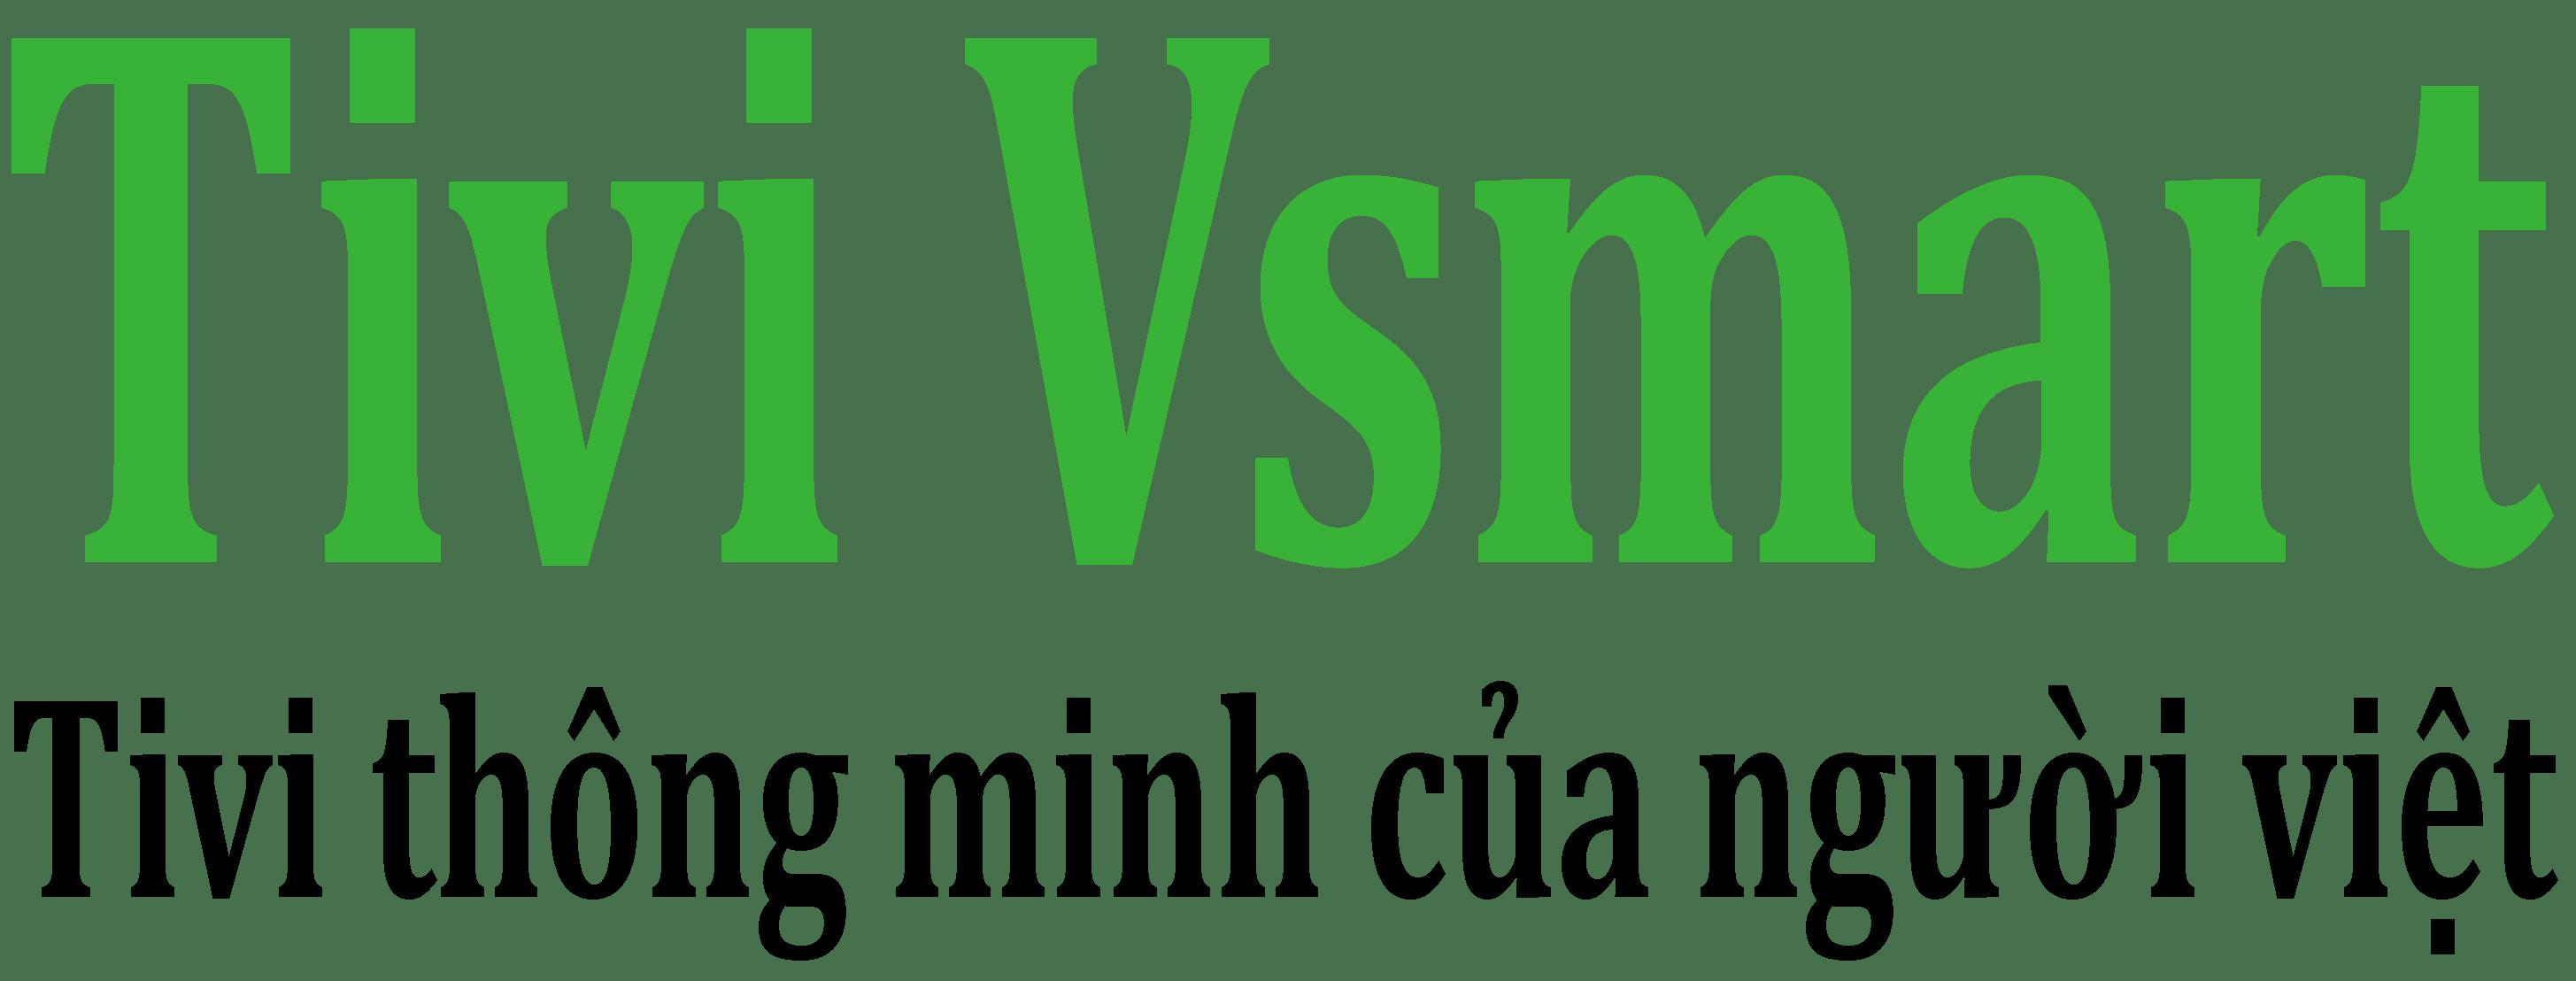 Tivivsmart – Tivi của người việt